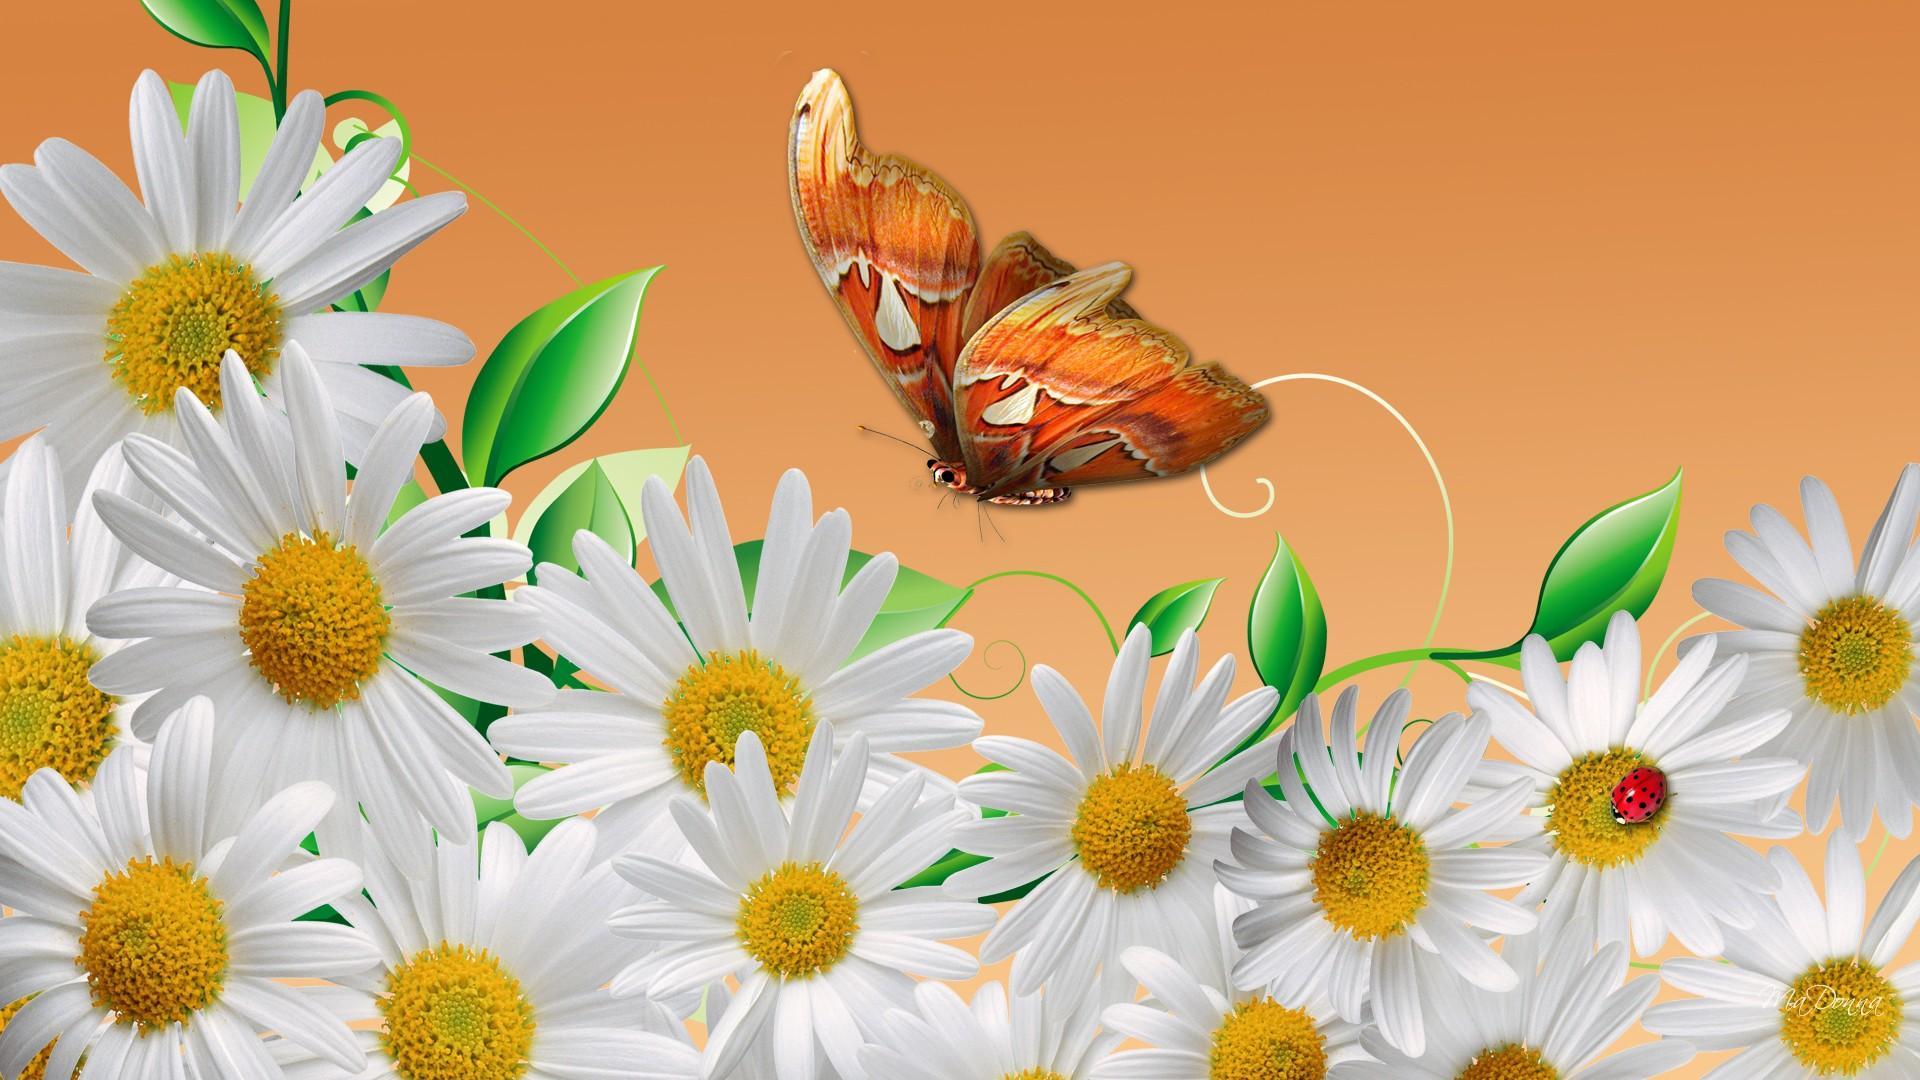 Обои на рабочий стол весна цветы широкоформатные ...  Обои на Телефон Цветы